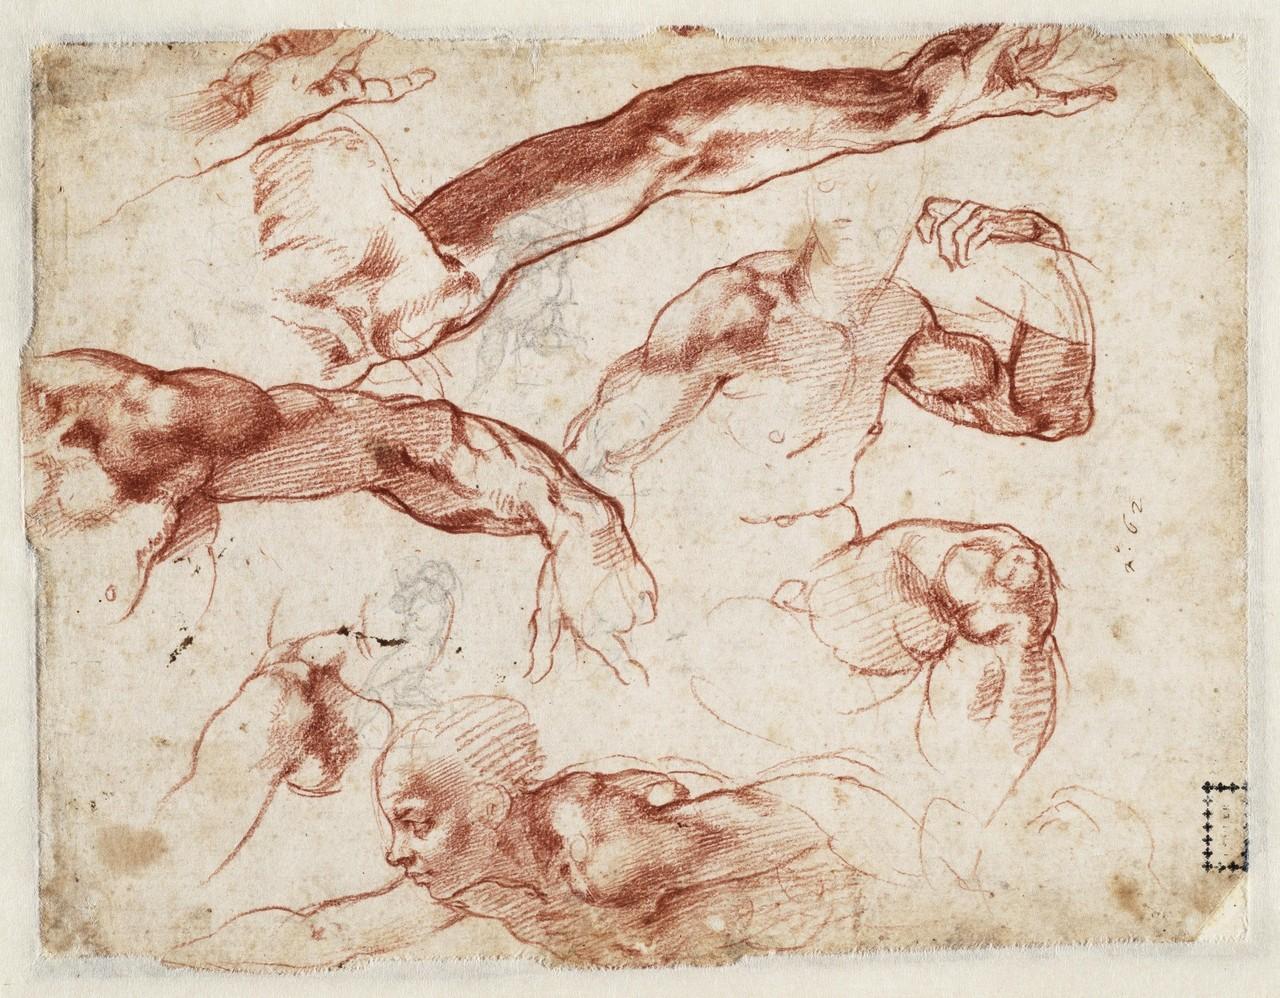 Spencer Alley: Michelangelo Drawings at Teylers Museum, Haarlem